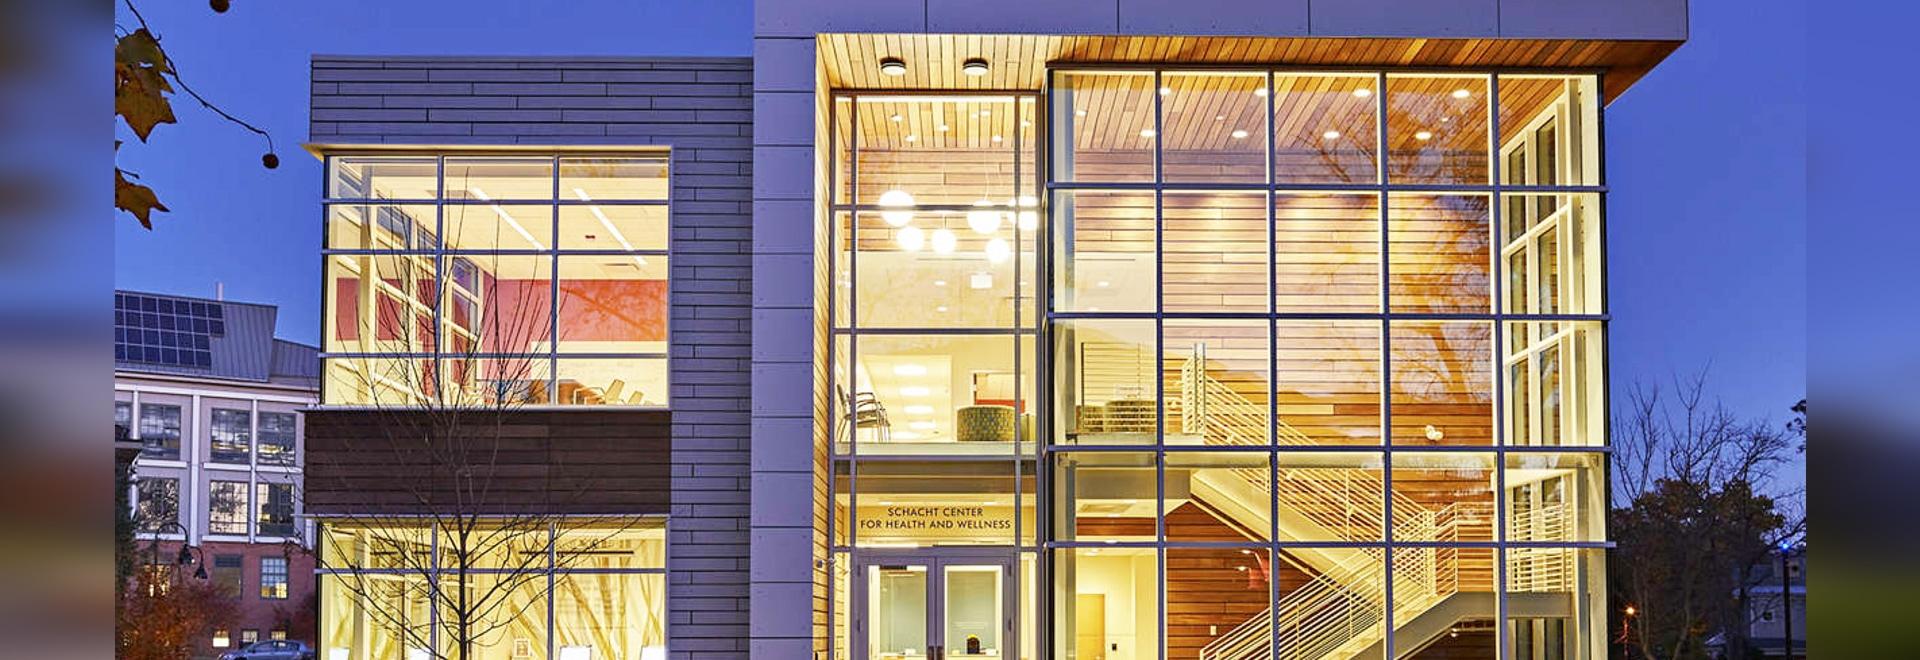 Spagnolo Gisness et associés ? Le centre de Schacht pour la santé et la santé est un bâtiment argenté de LEED à l'université de Smith inspirée par santé et santé holistiques. Le complexe est couver...